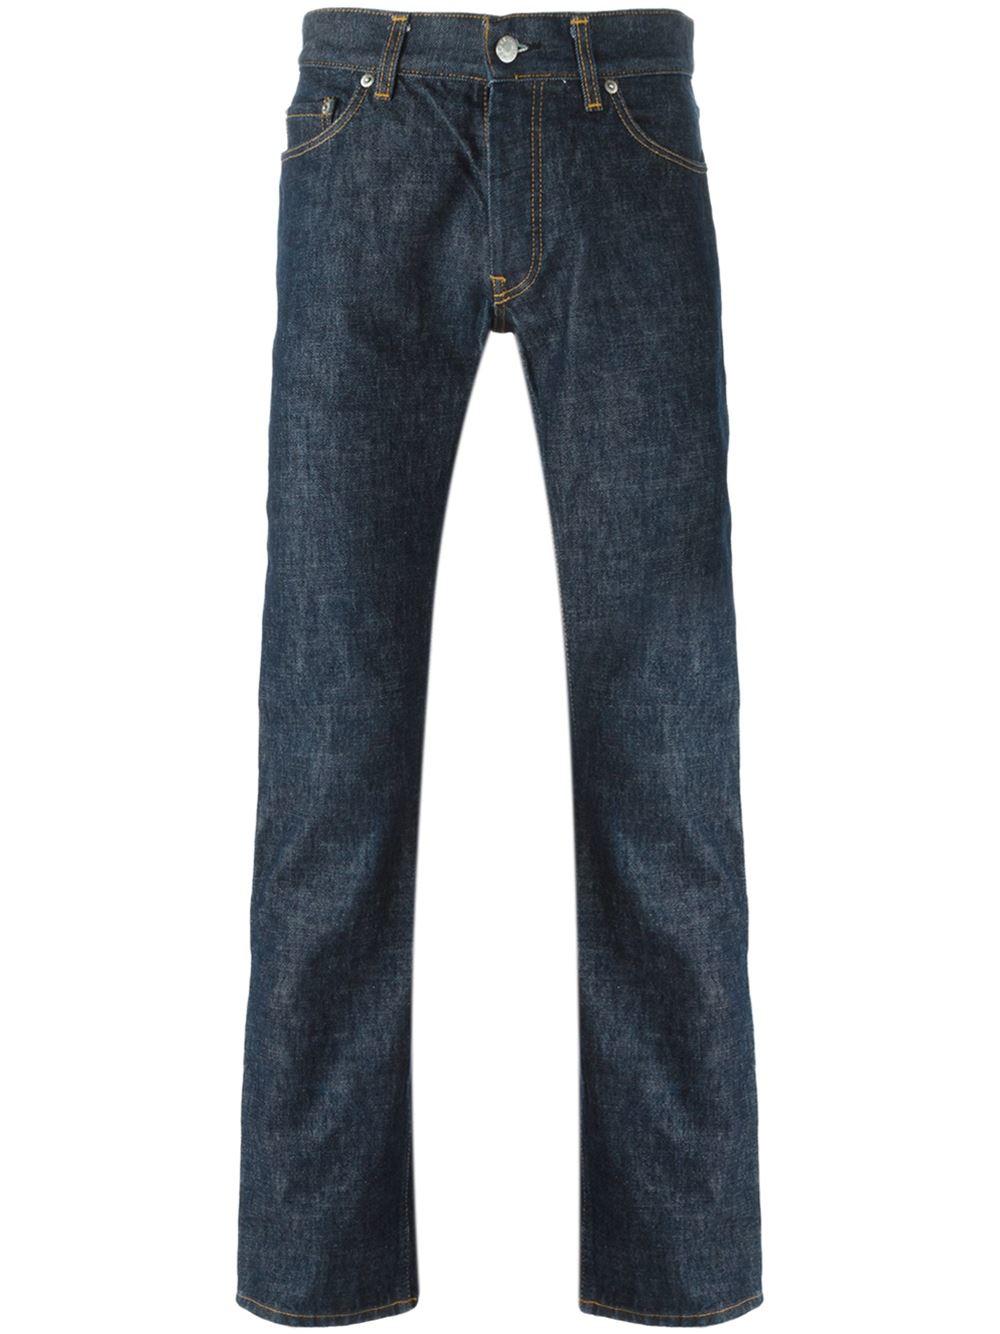 helmut lang slim fit jeans in blue for men lyst. Black Bedroom Furniture Sets. Home Design Ideas